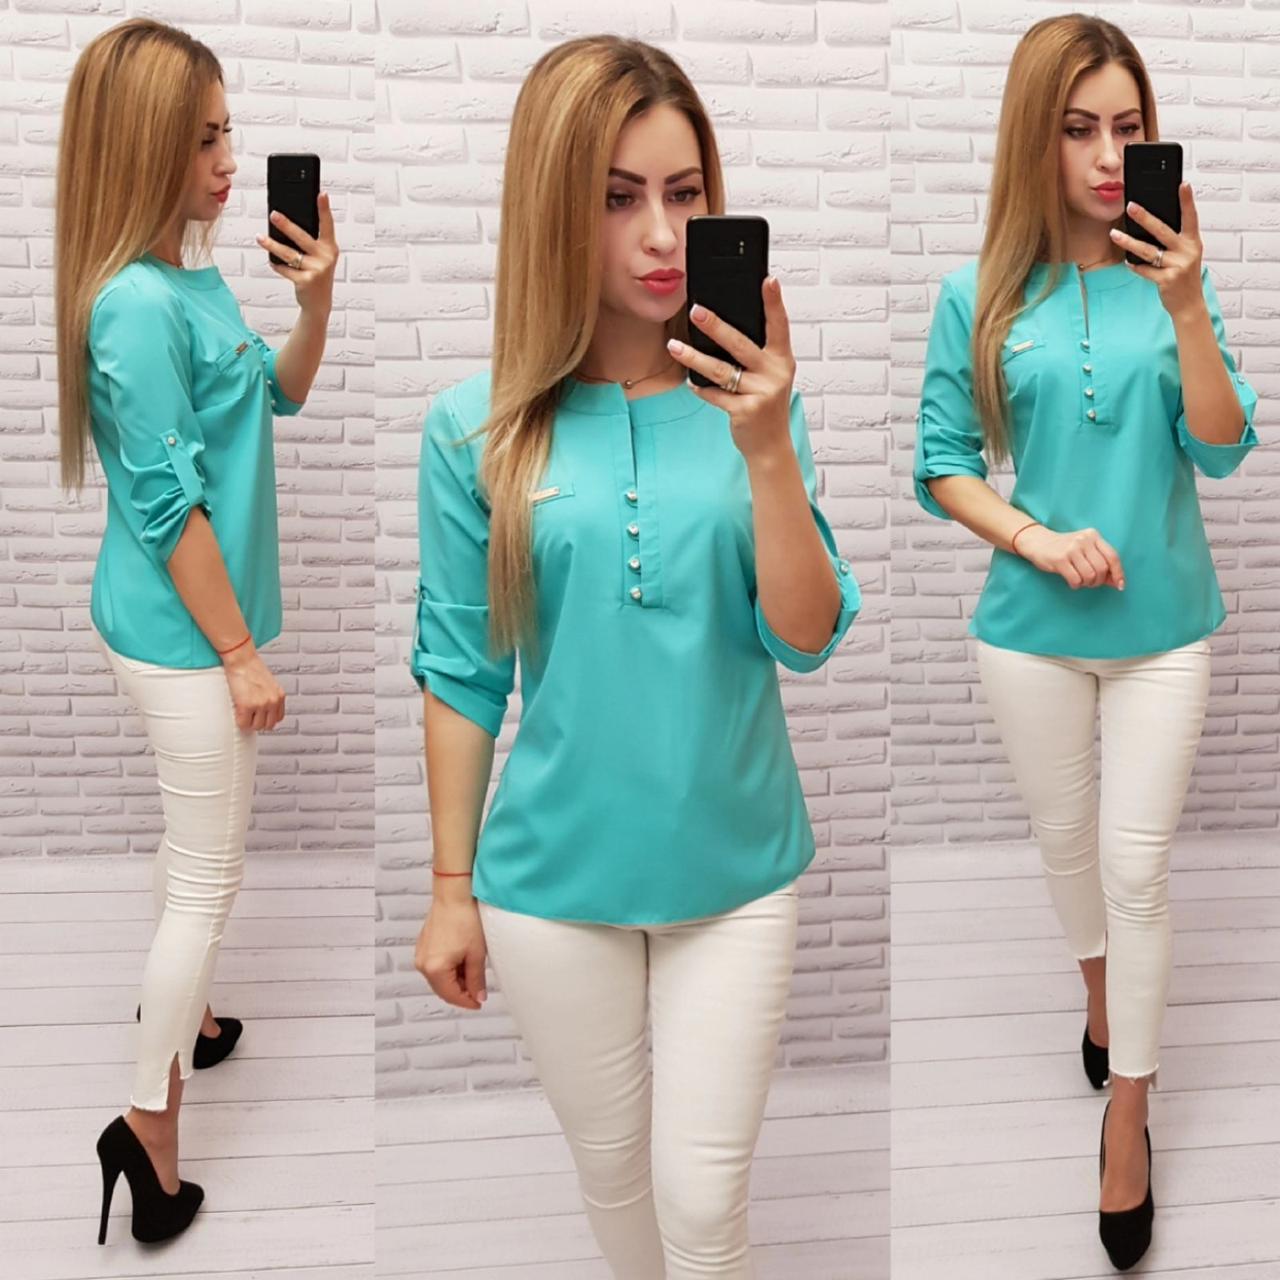 Блуза / блузка арт. 830 бирюзовая / бирюза / бирюзового цвета